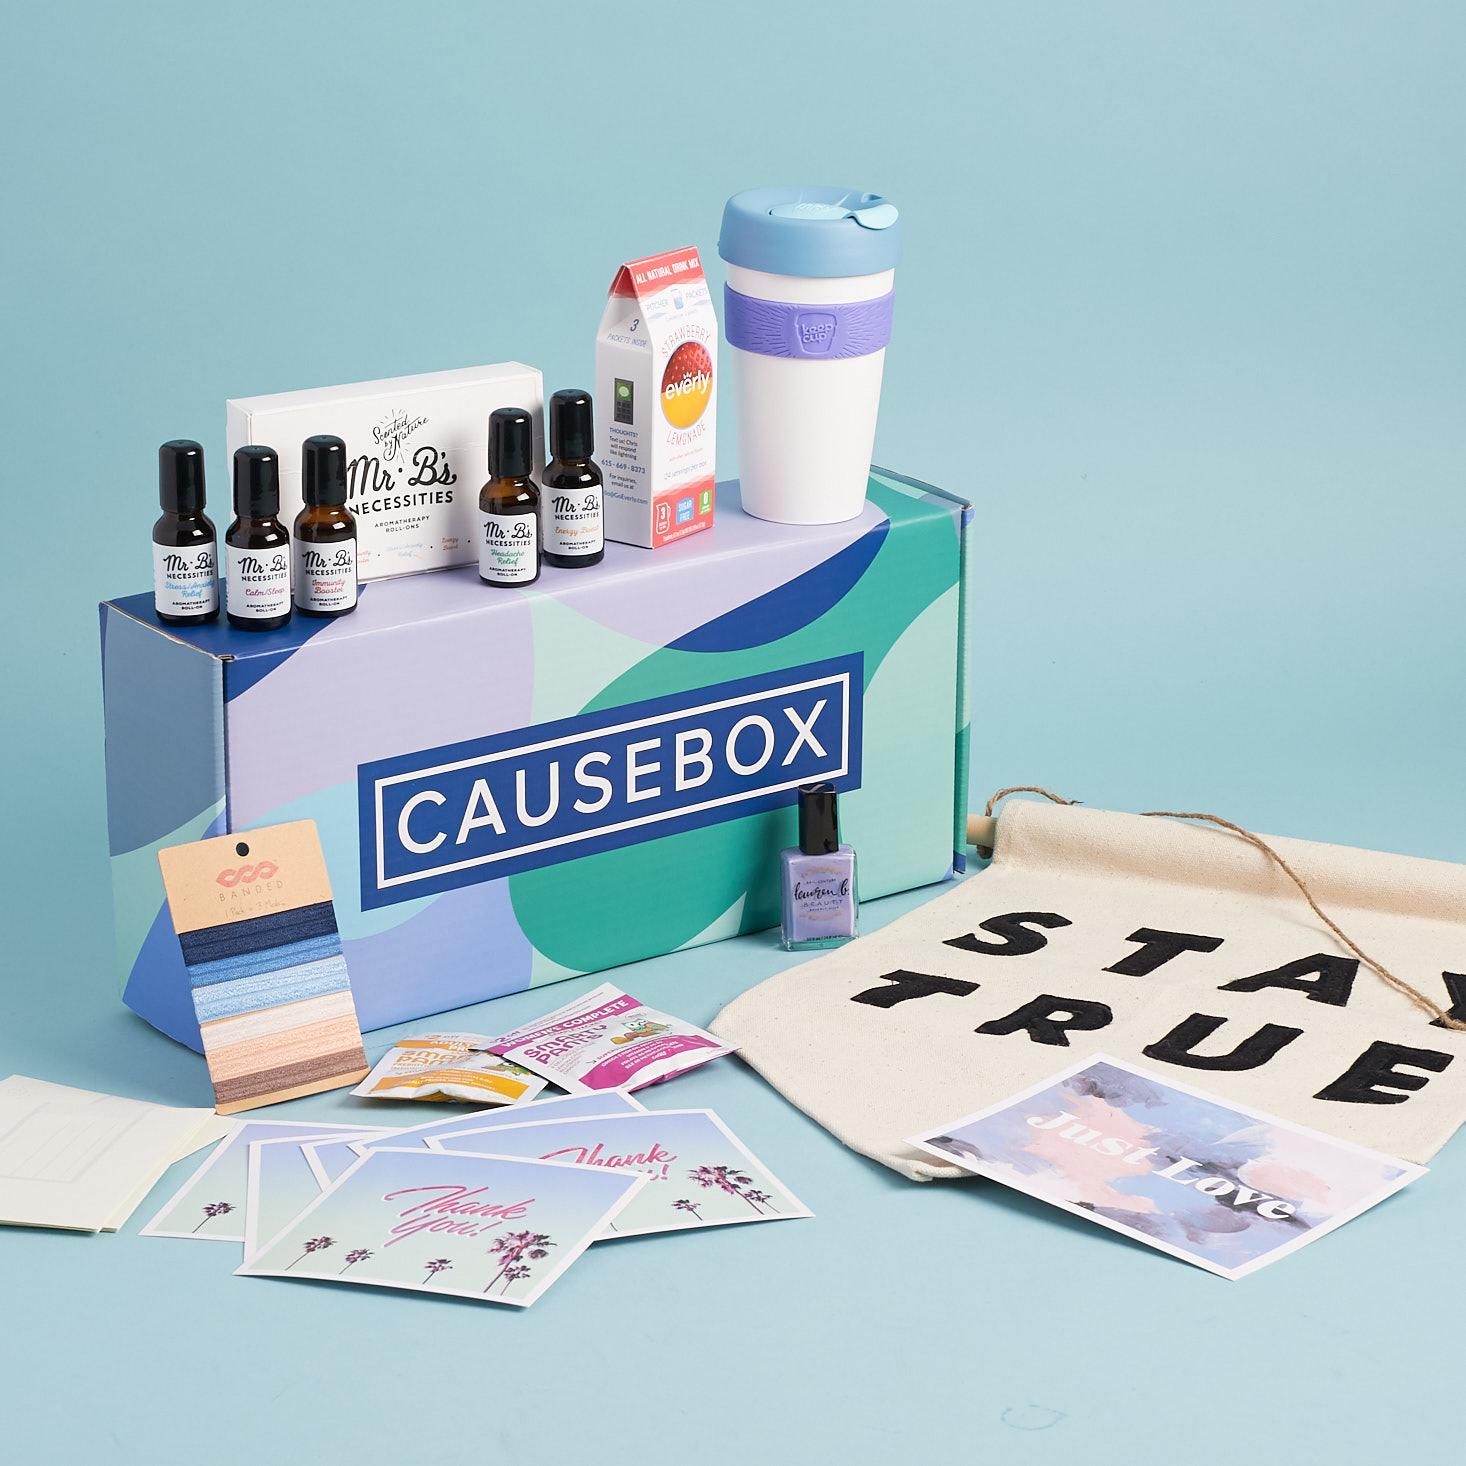 causebox 1.jpg